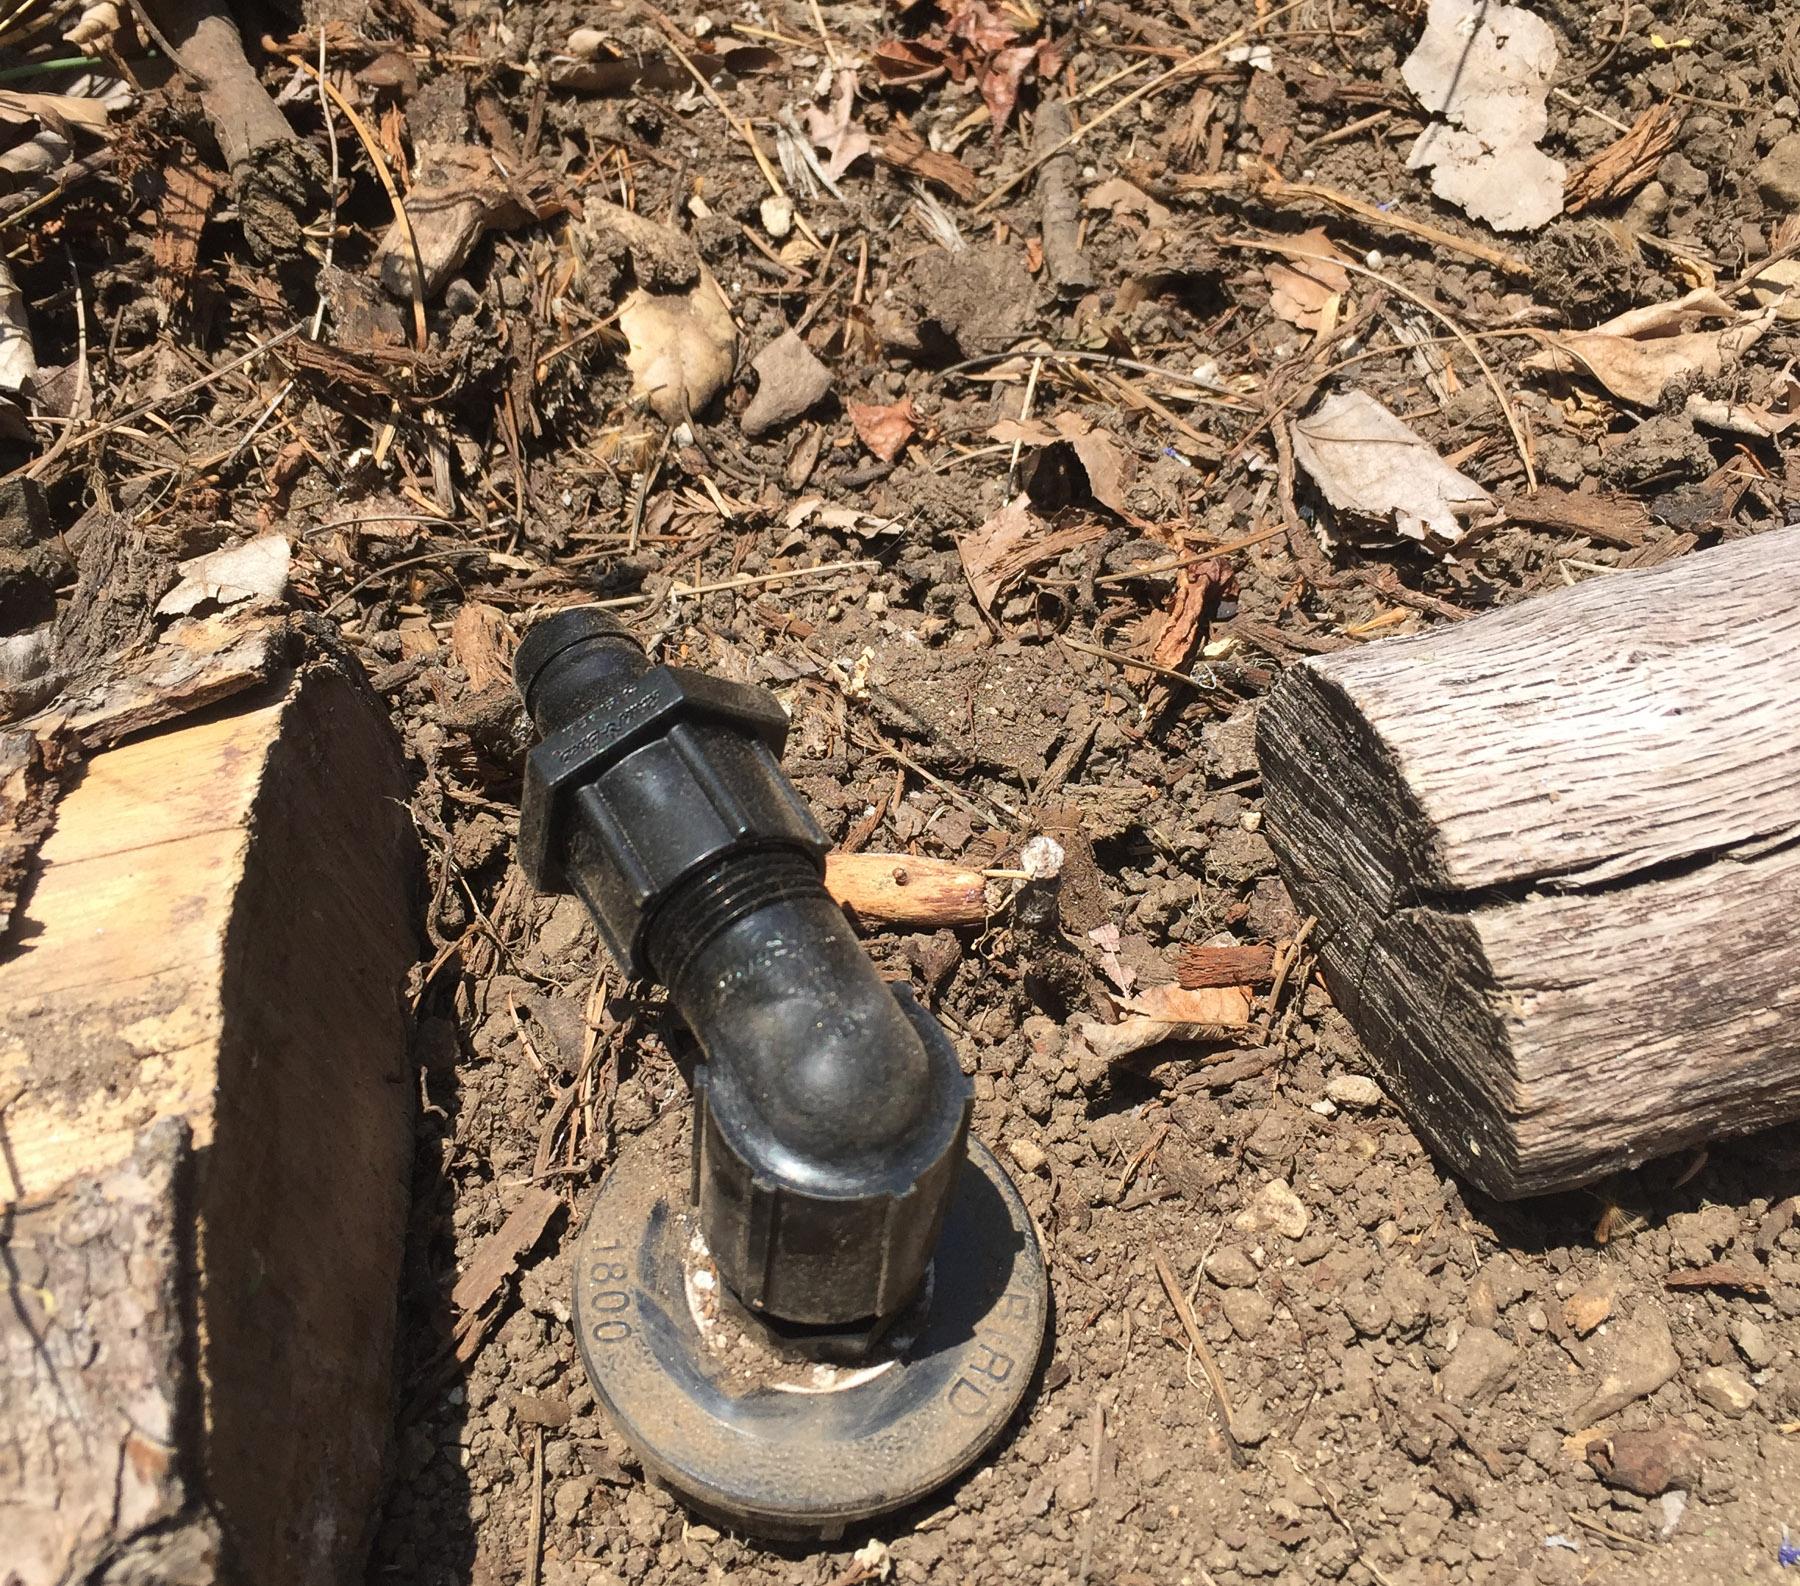 Rainbird drip irrigation retrofit kit.